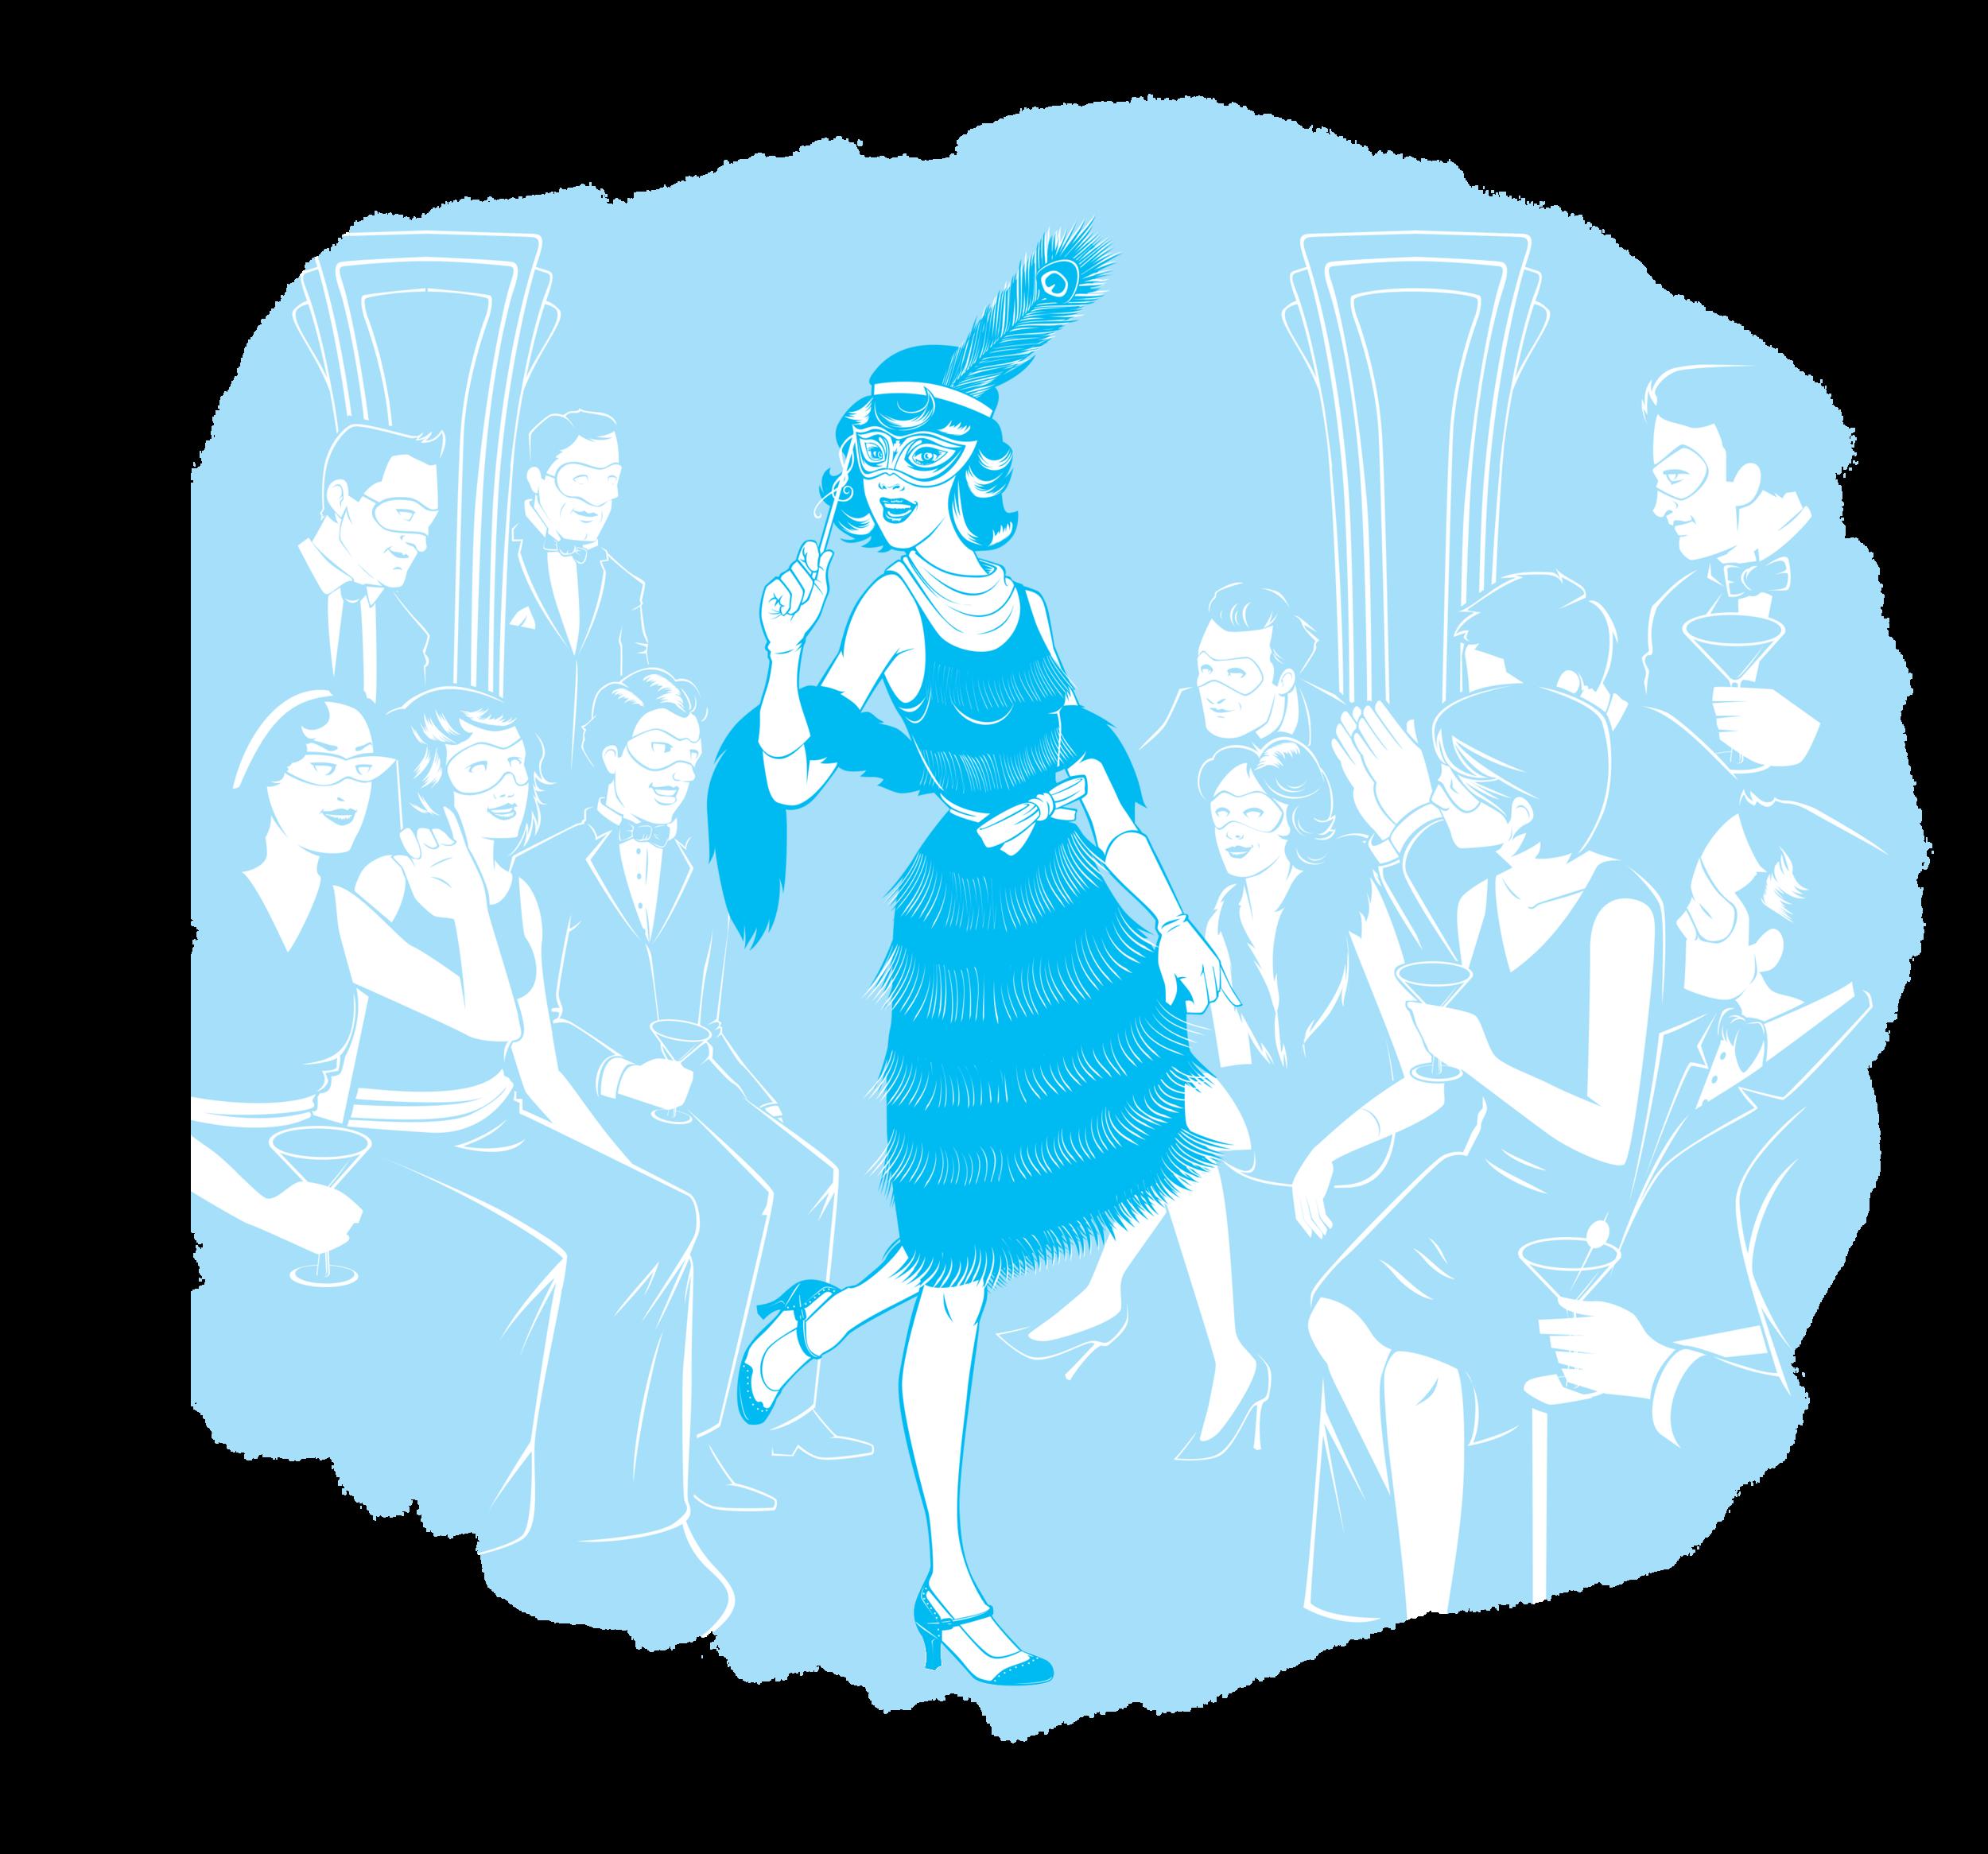 BQ_Illustrations_R2_Judy_v4.png